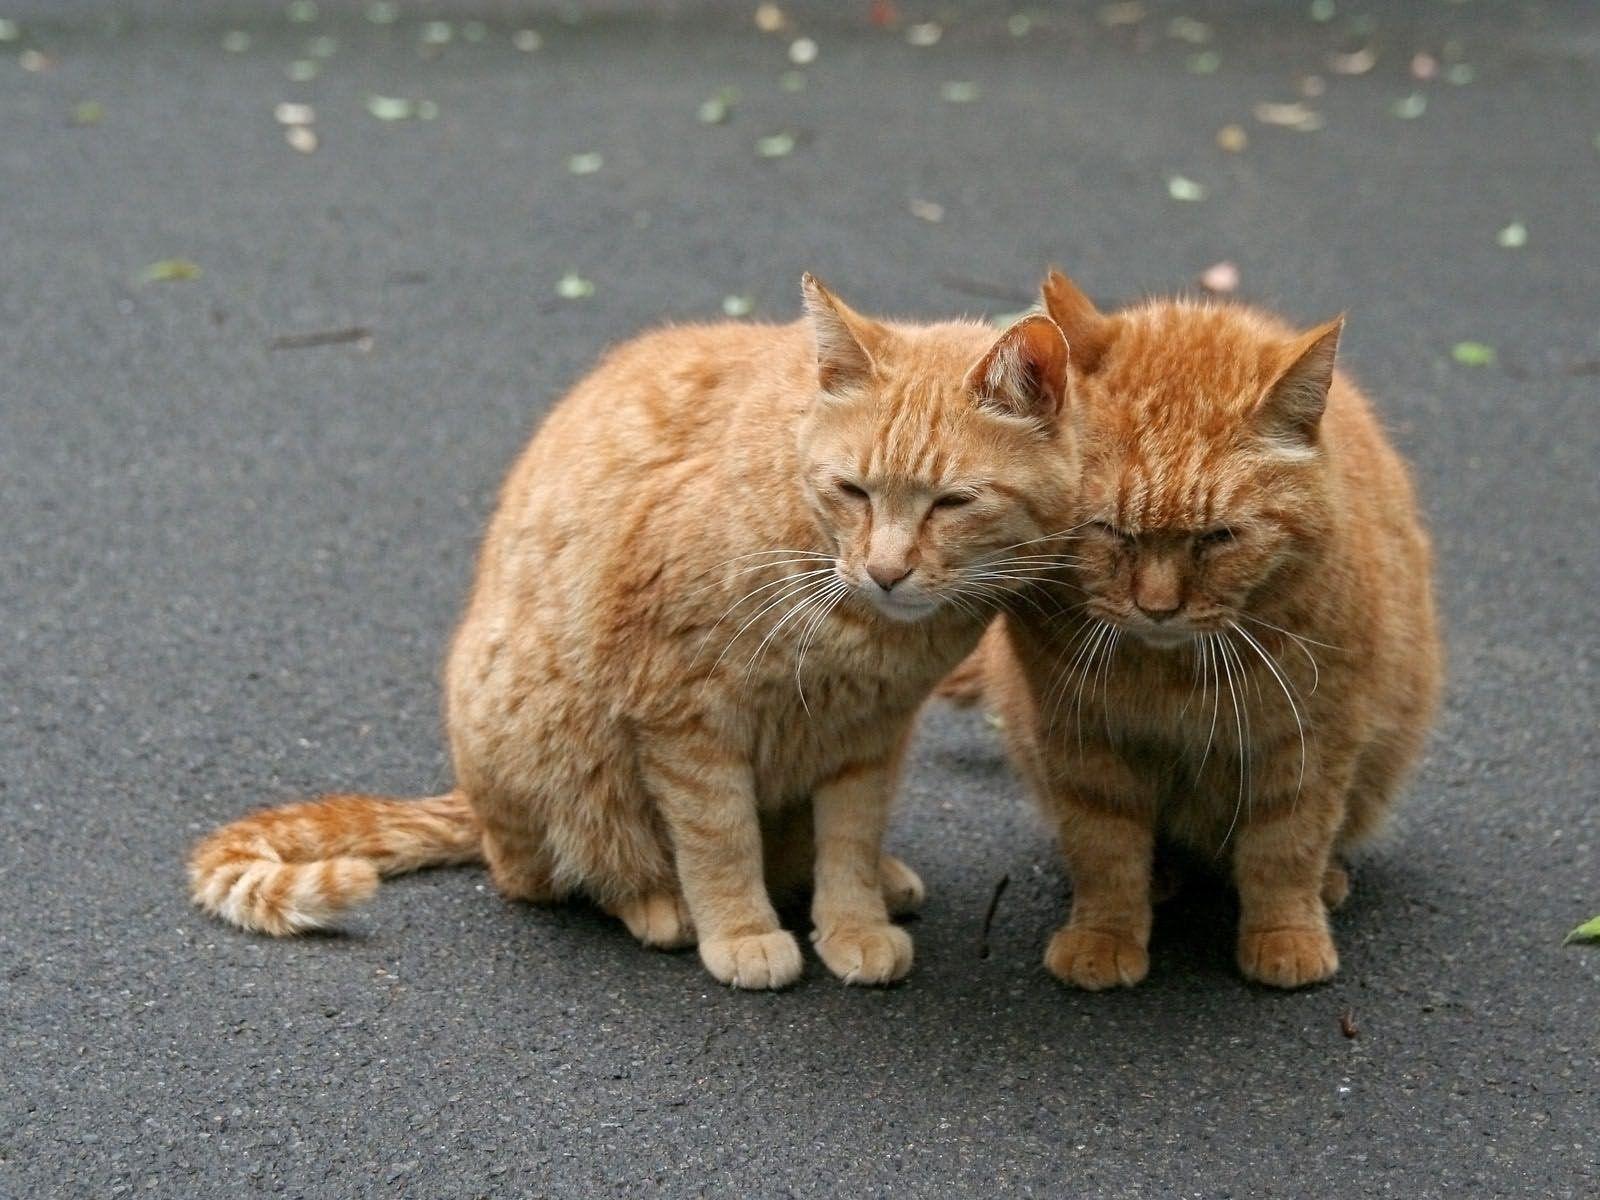 125147 завантажити шпалери Тварини, Коти, Кішки, Пара, Ніжність, Турбота, Догляд - заставки і картинки безкоштовно